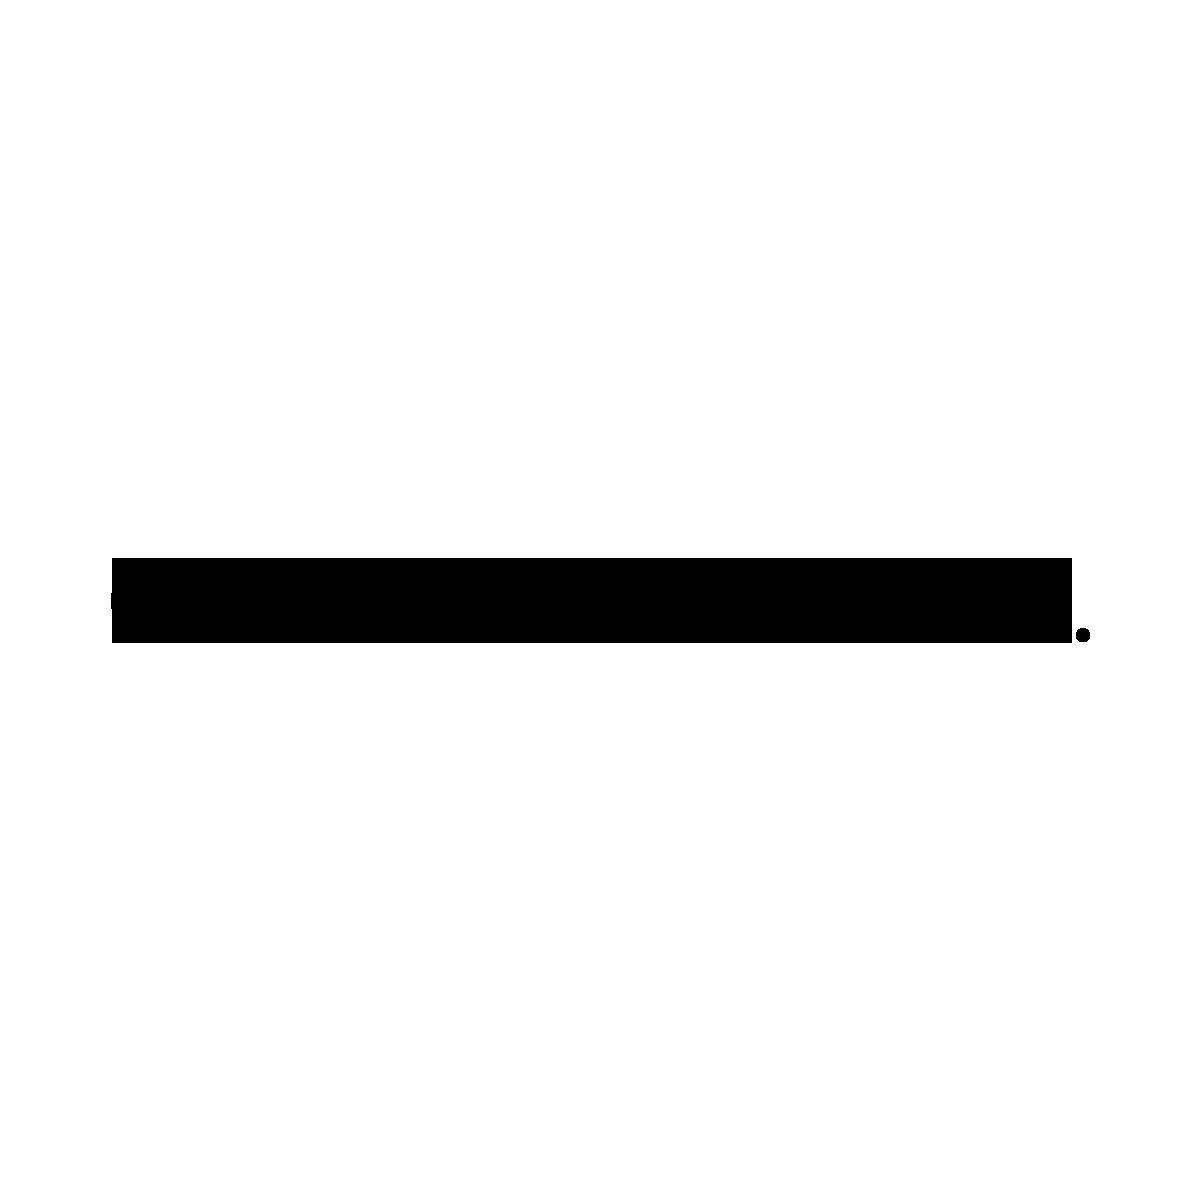 Weißer-Sneaker-Glattleder-mehrfarbige-Patch-Dunkelgrün